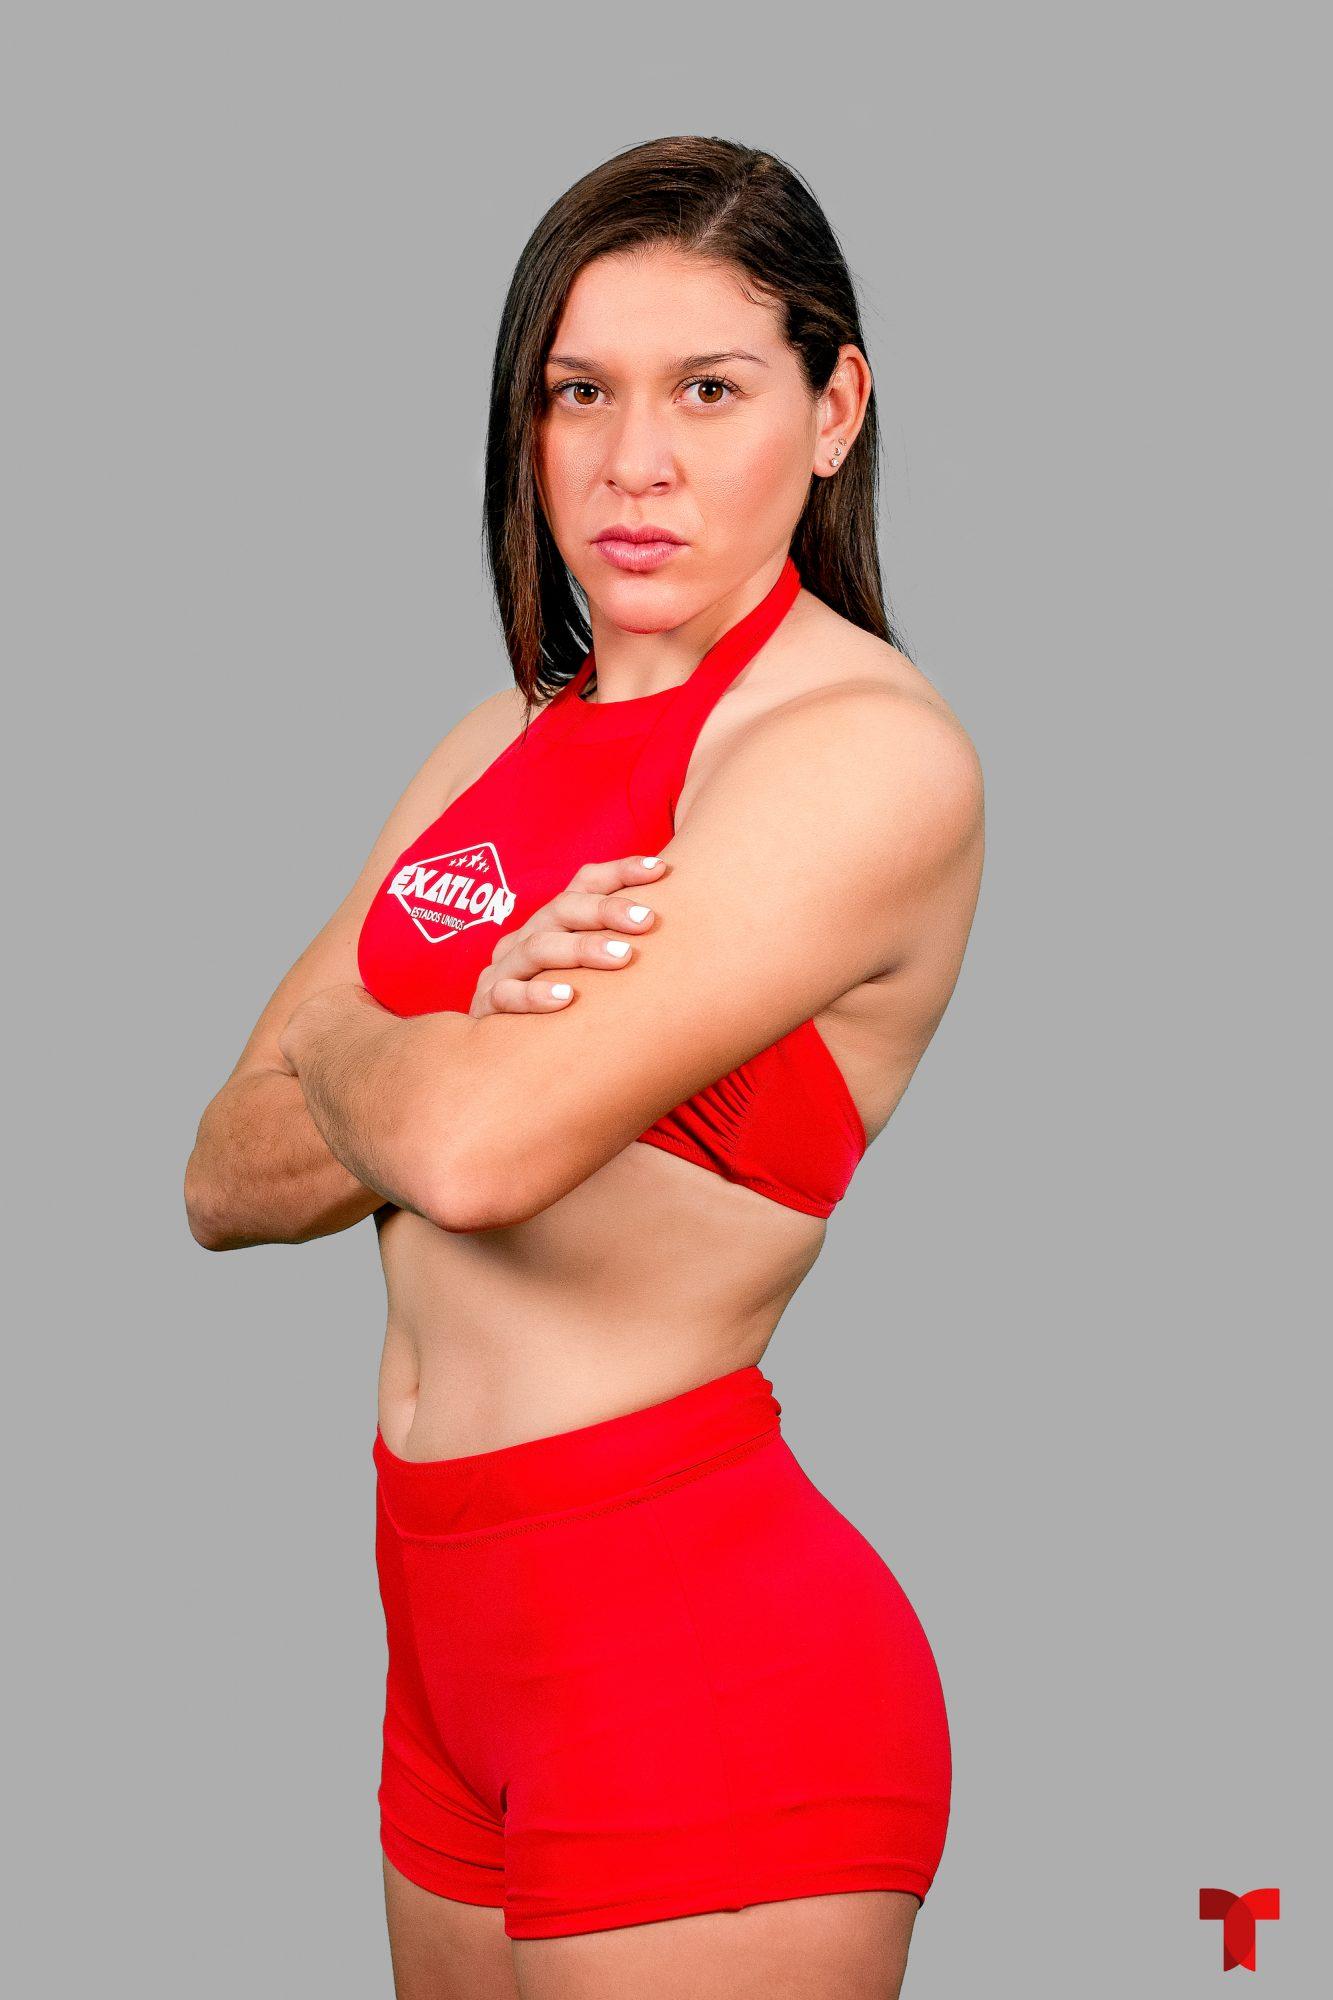 Norma Palafox